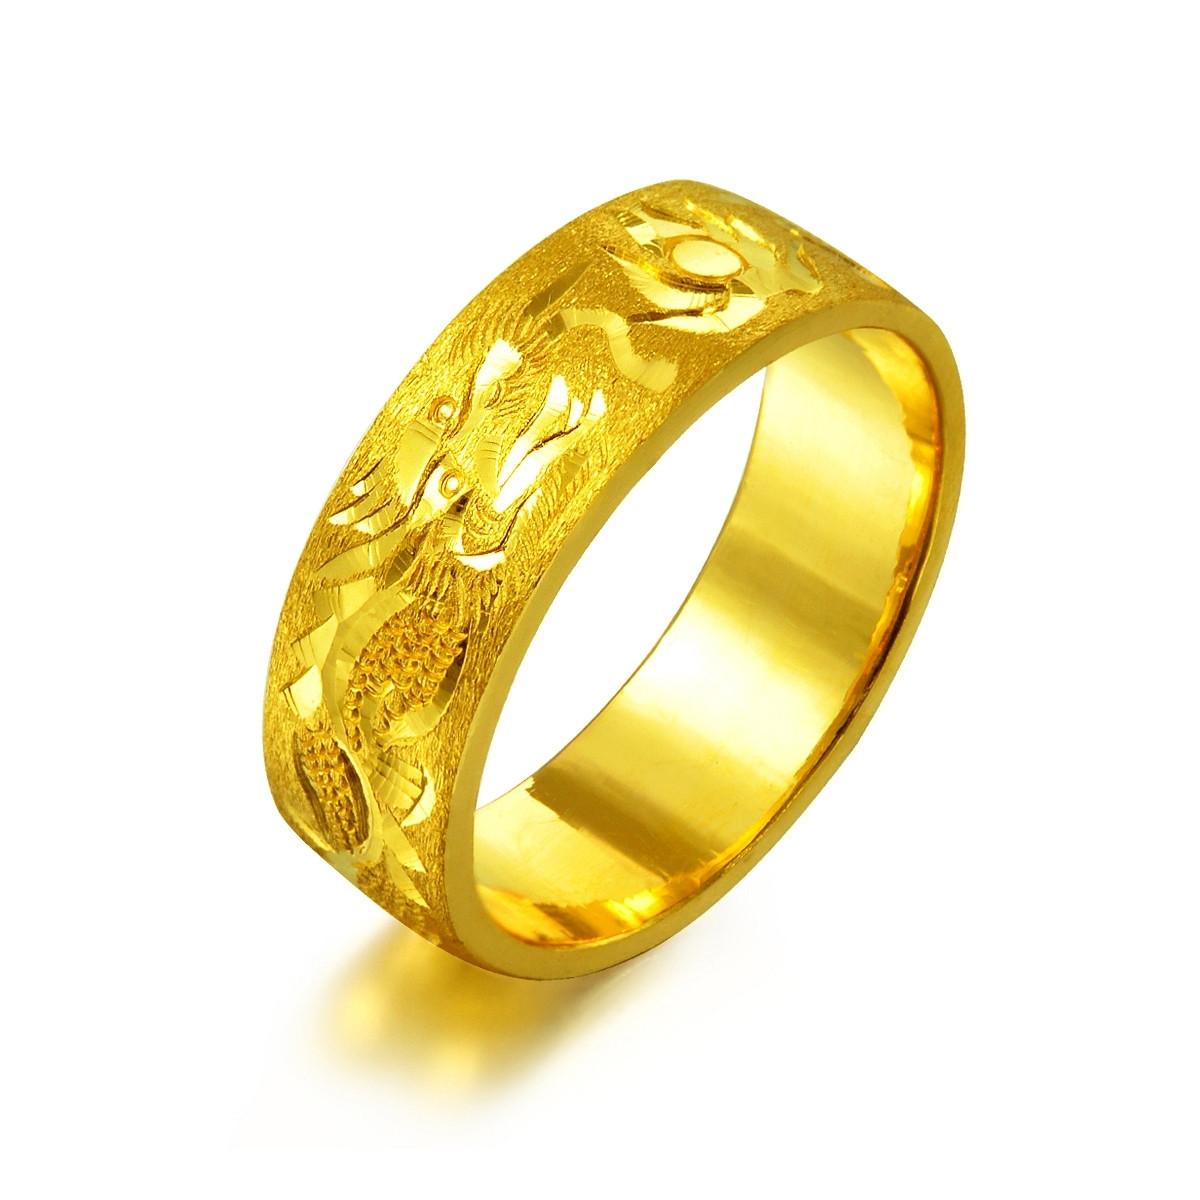 周生生周生生黄金双龙献珠戒指B28481r如图